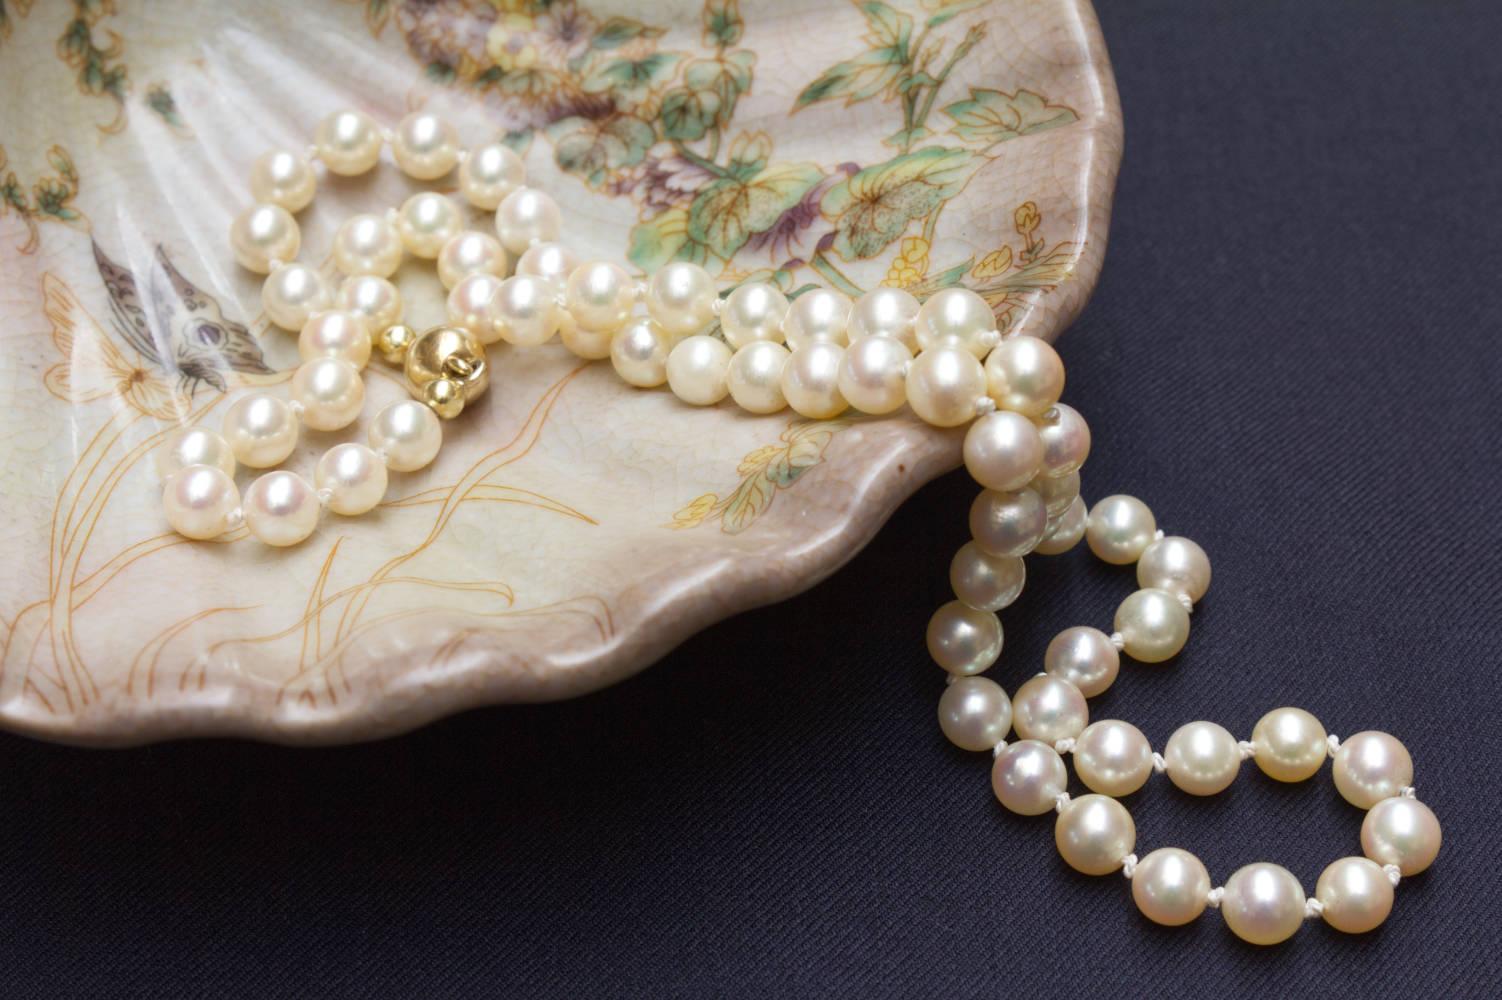 Perlenkette mit 585er Gold Verschluß von Langer in Stimmung mit Muschel